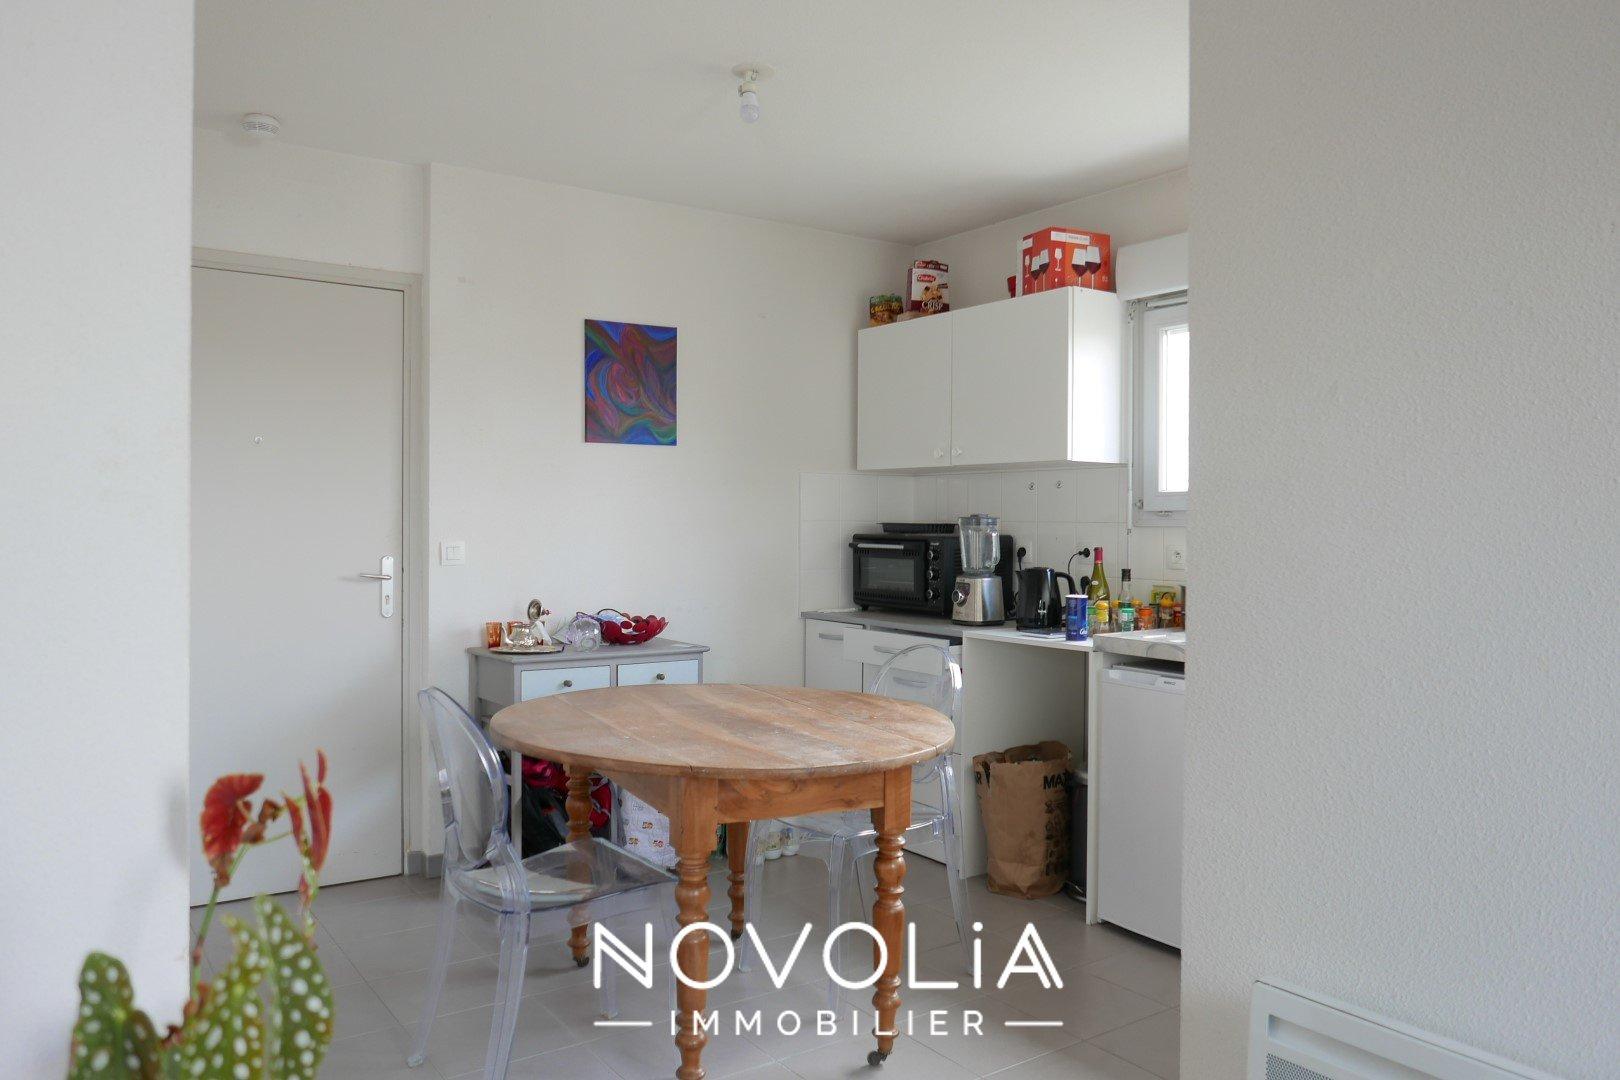 Achat Appartement Surface de 30 m²/ Total carrez : 30 m², 1 pièce, Lyon 7ème (69007)